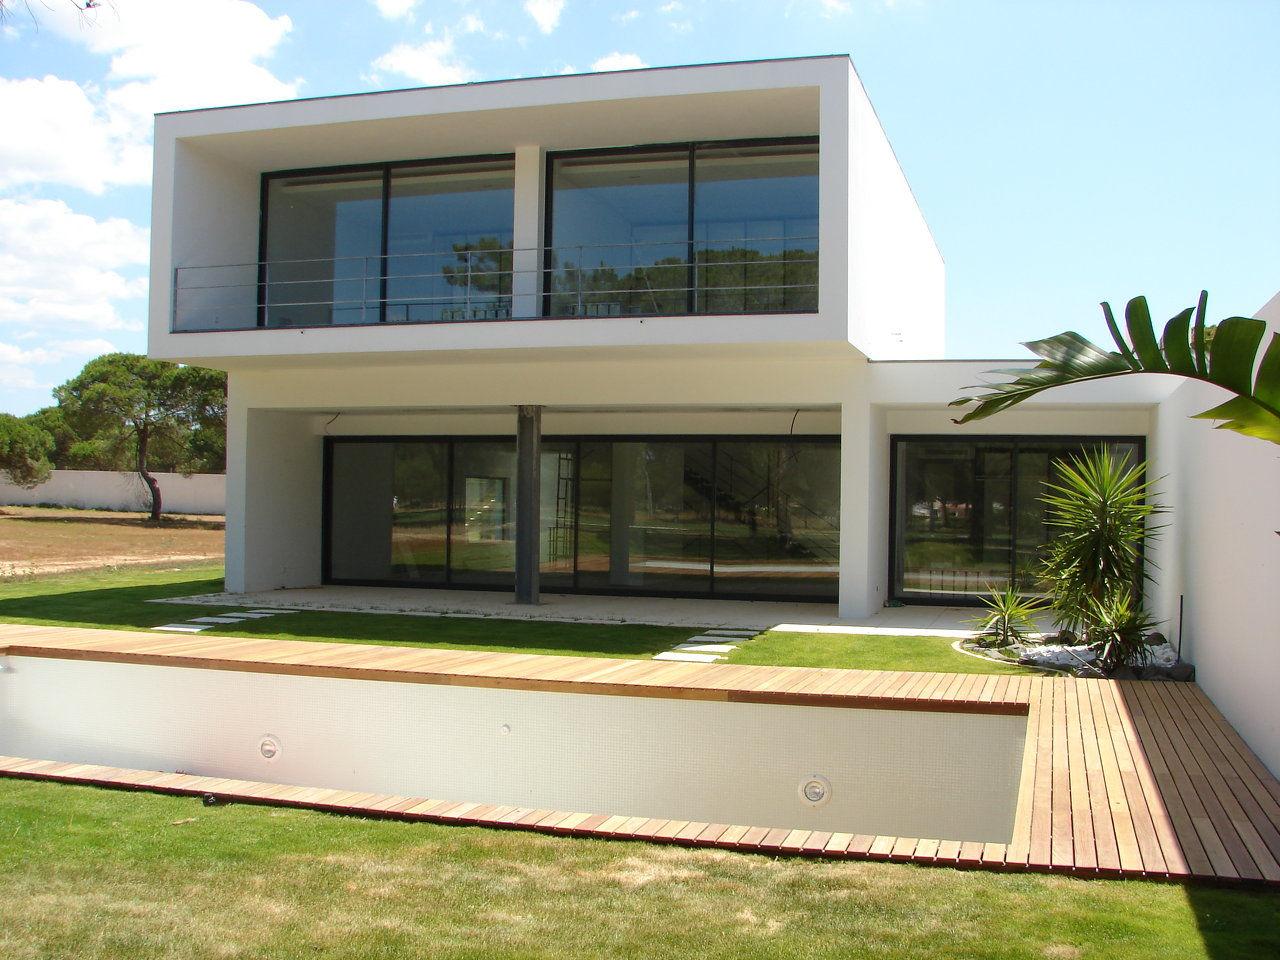 #87913A Silvestre e Sousa Fábrica Portas Janelas PVC Alumínio Isolamento  528 Janelas Em Aluminio Curitiba Preço